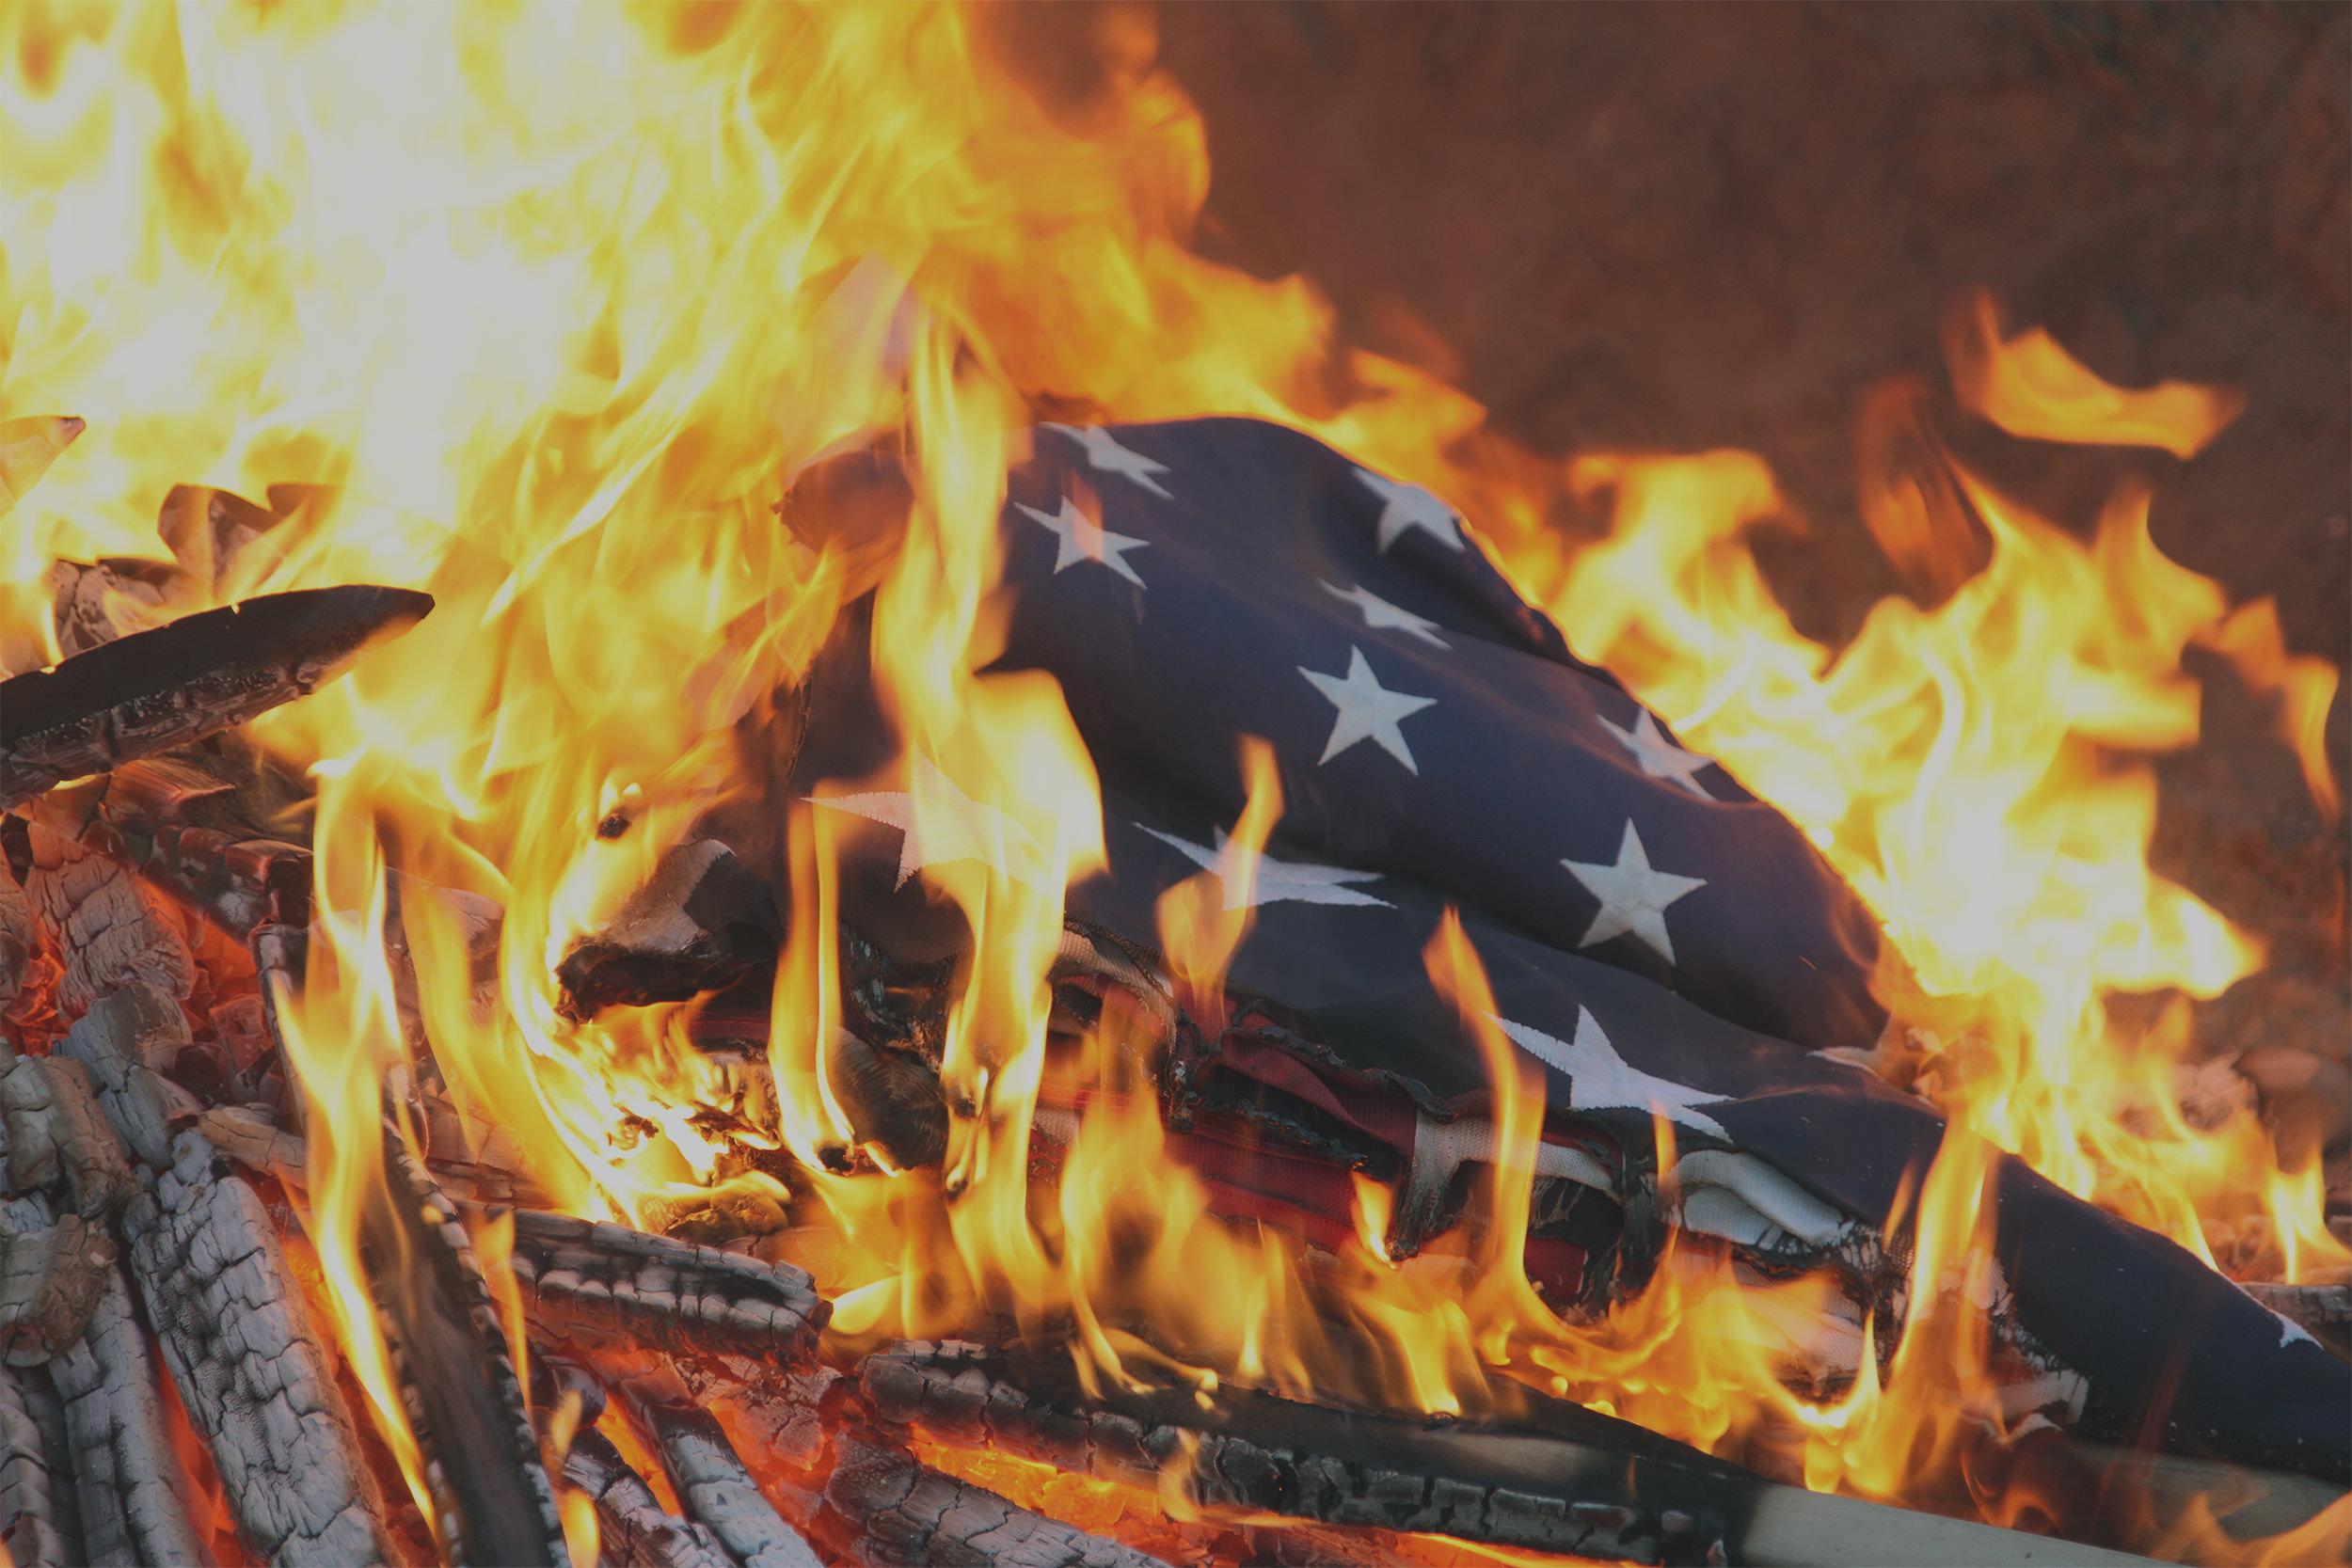 Burning Flag